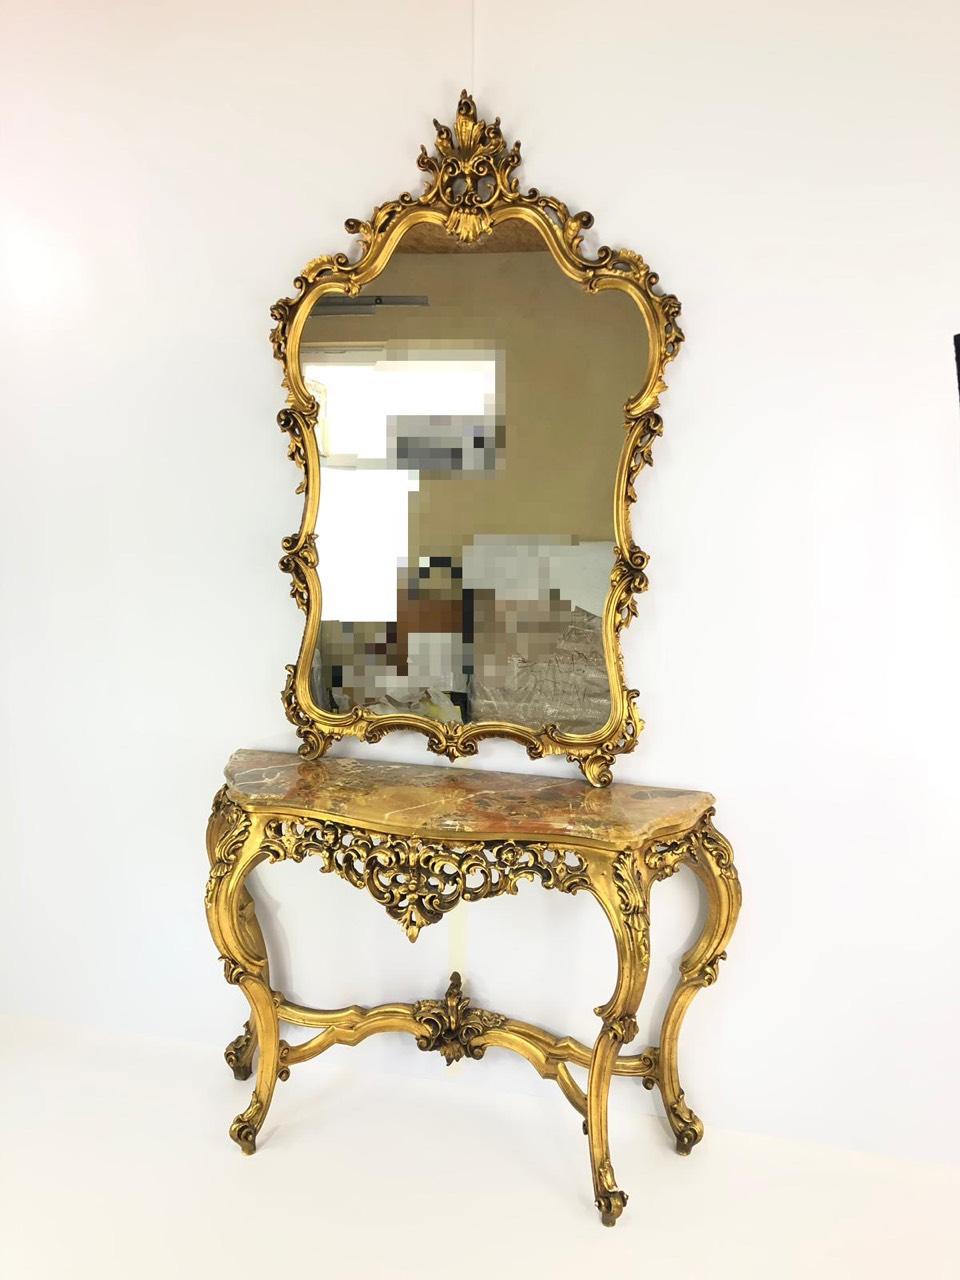 Винтажная консоль с зеркалом в стиле Барокко